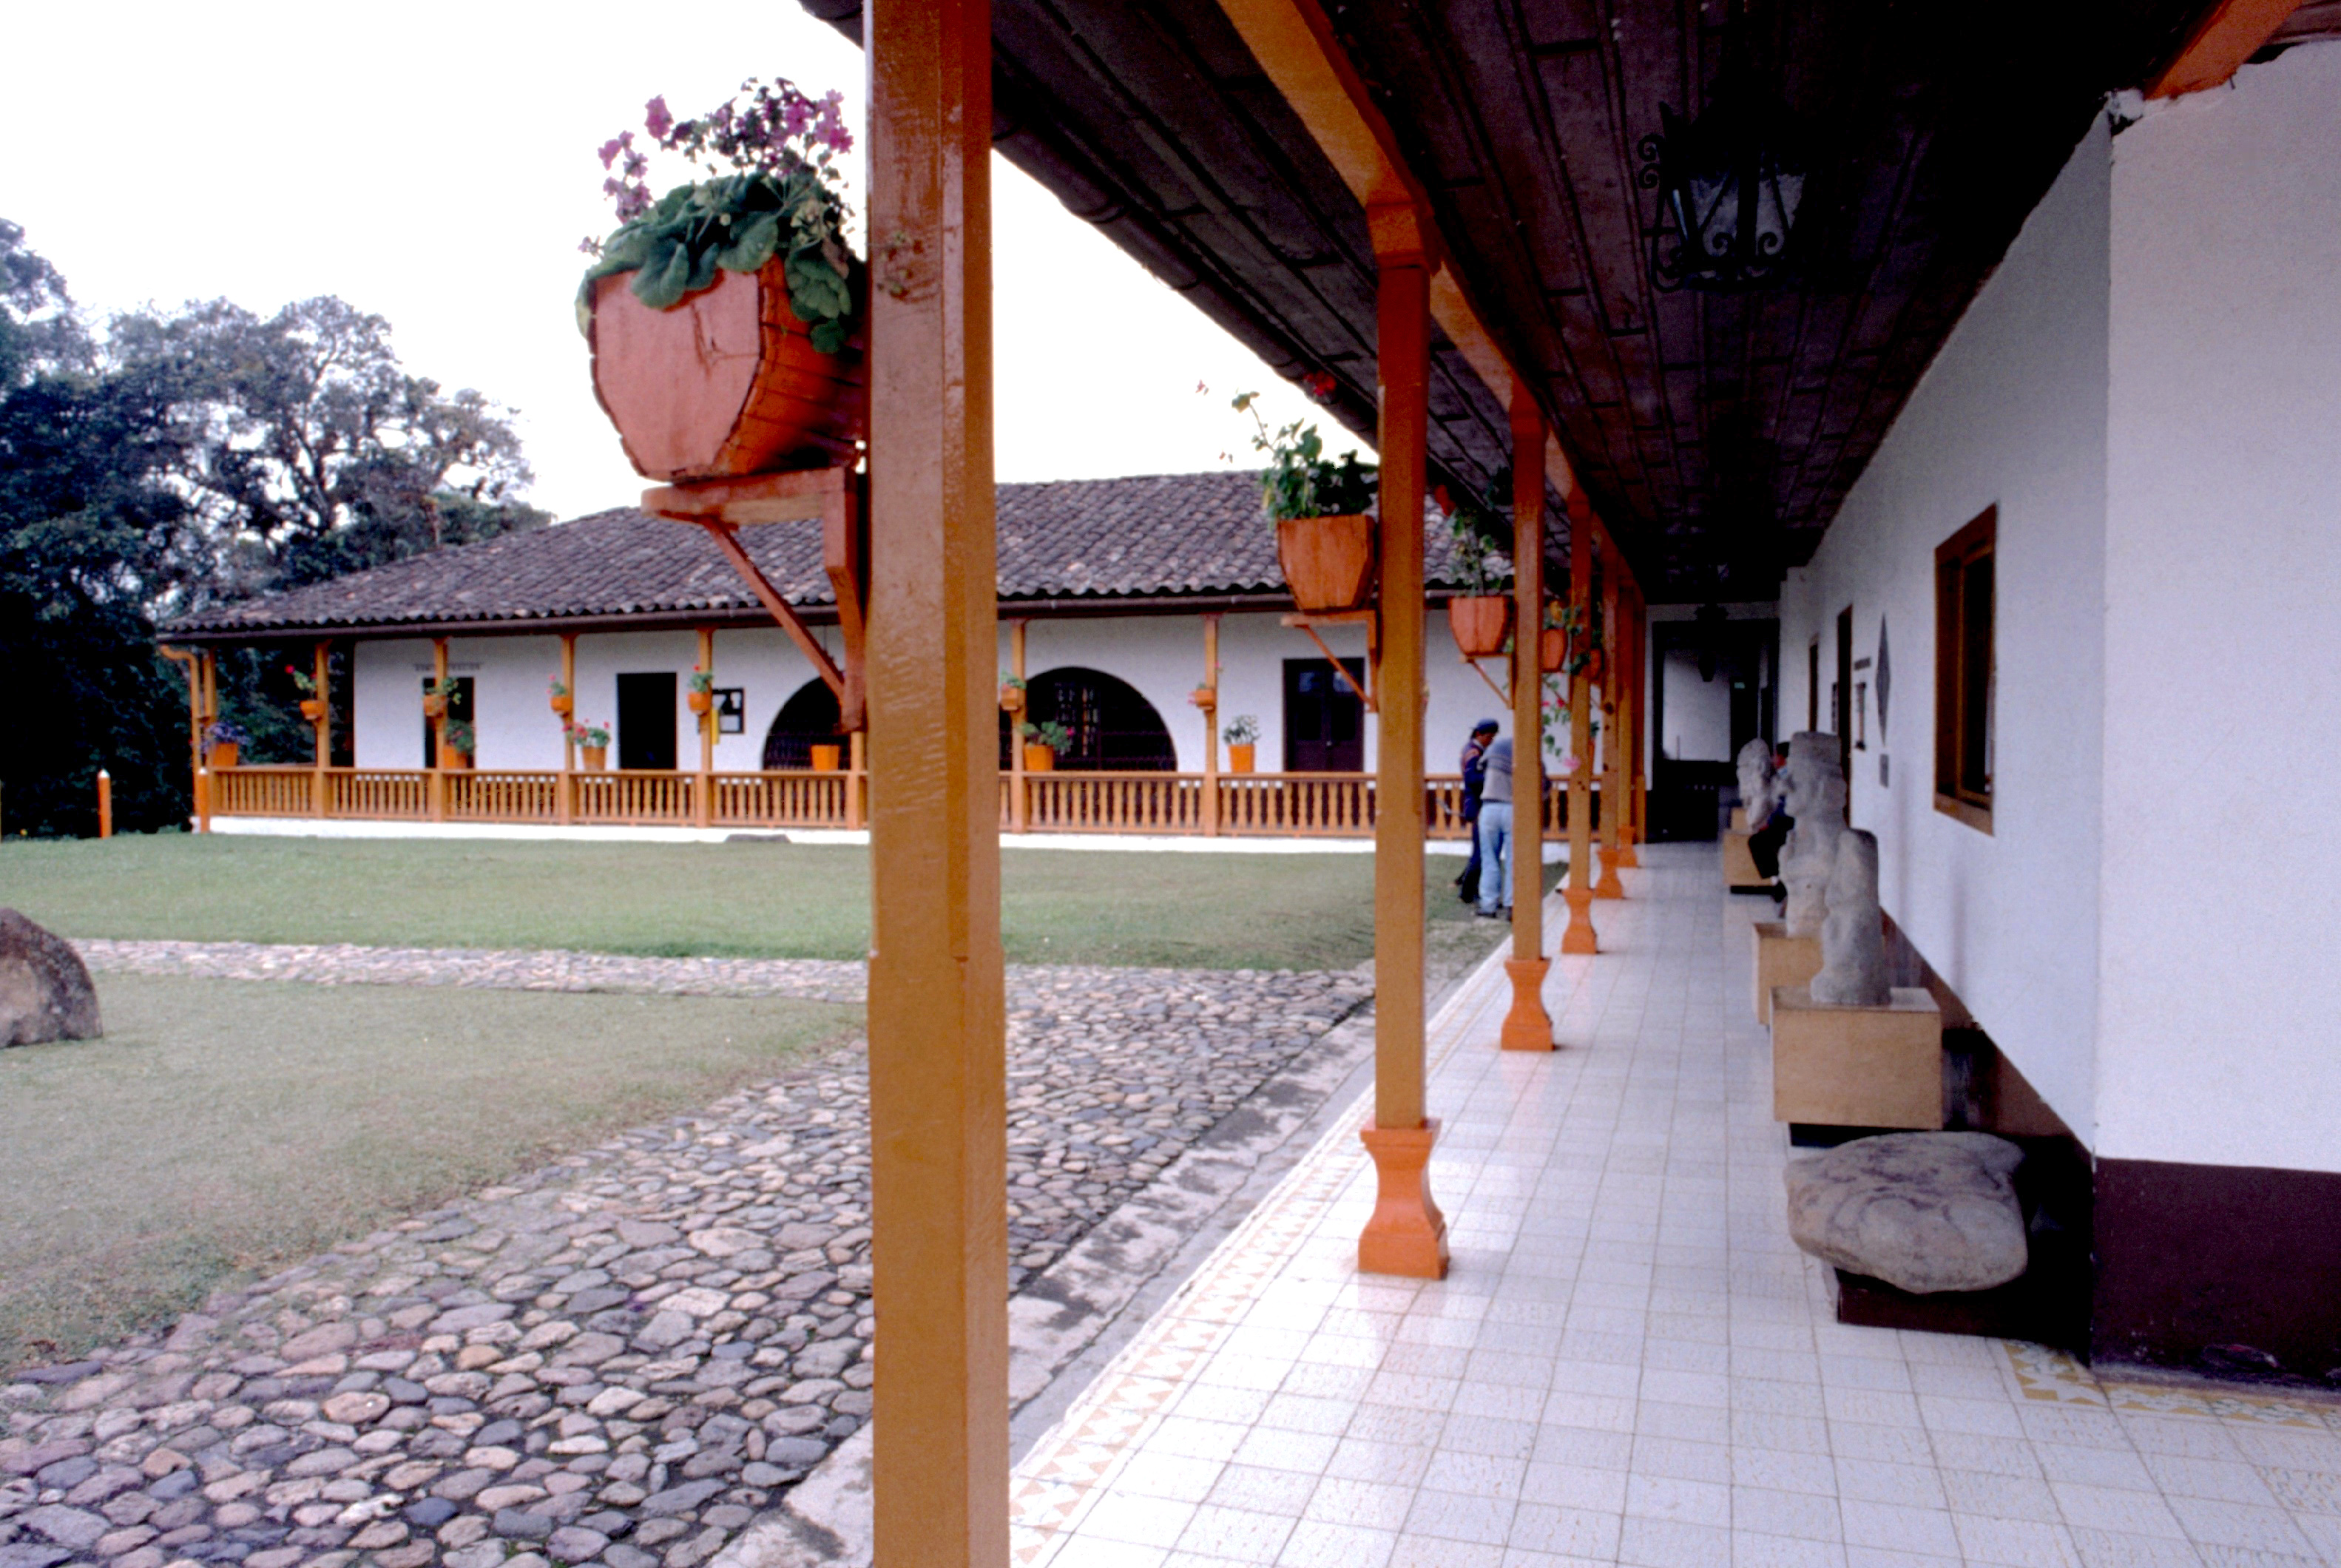 La cour du musée abritant les plus petites statues.